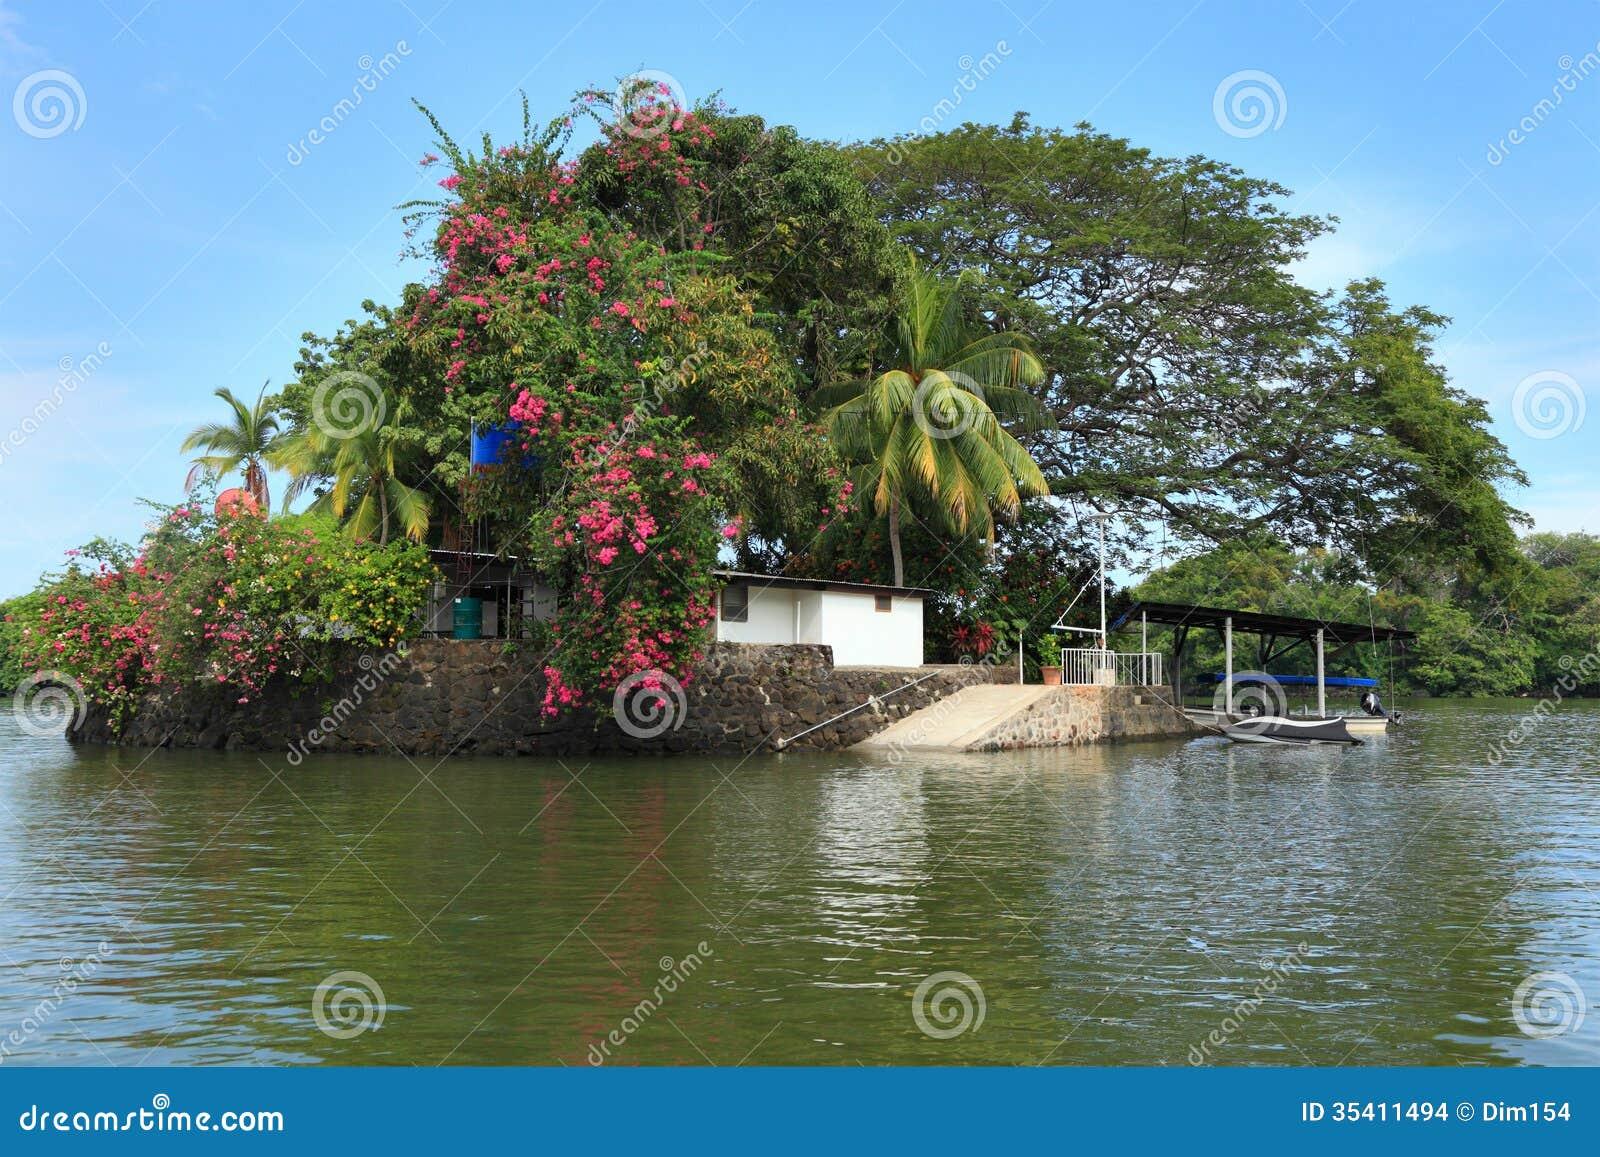 Huis op eiland